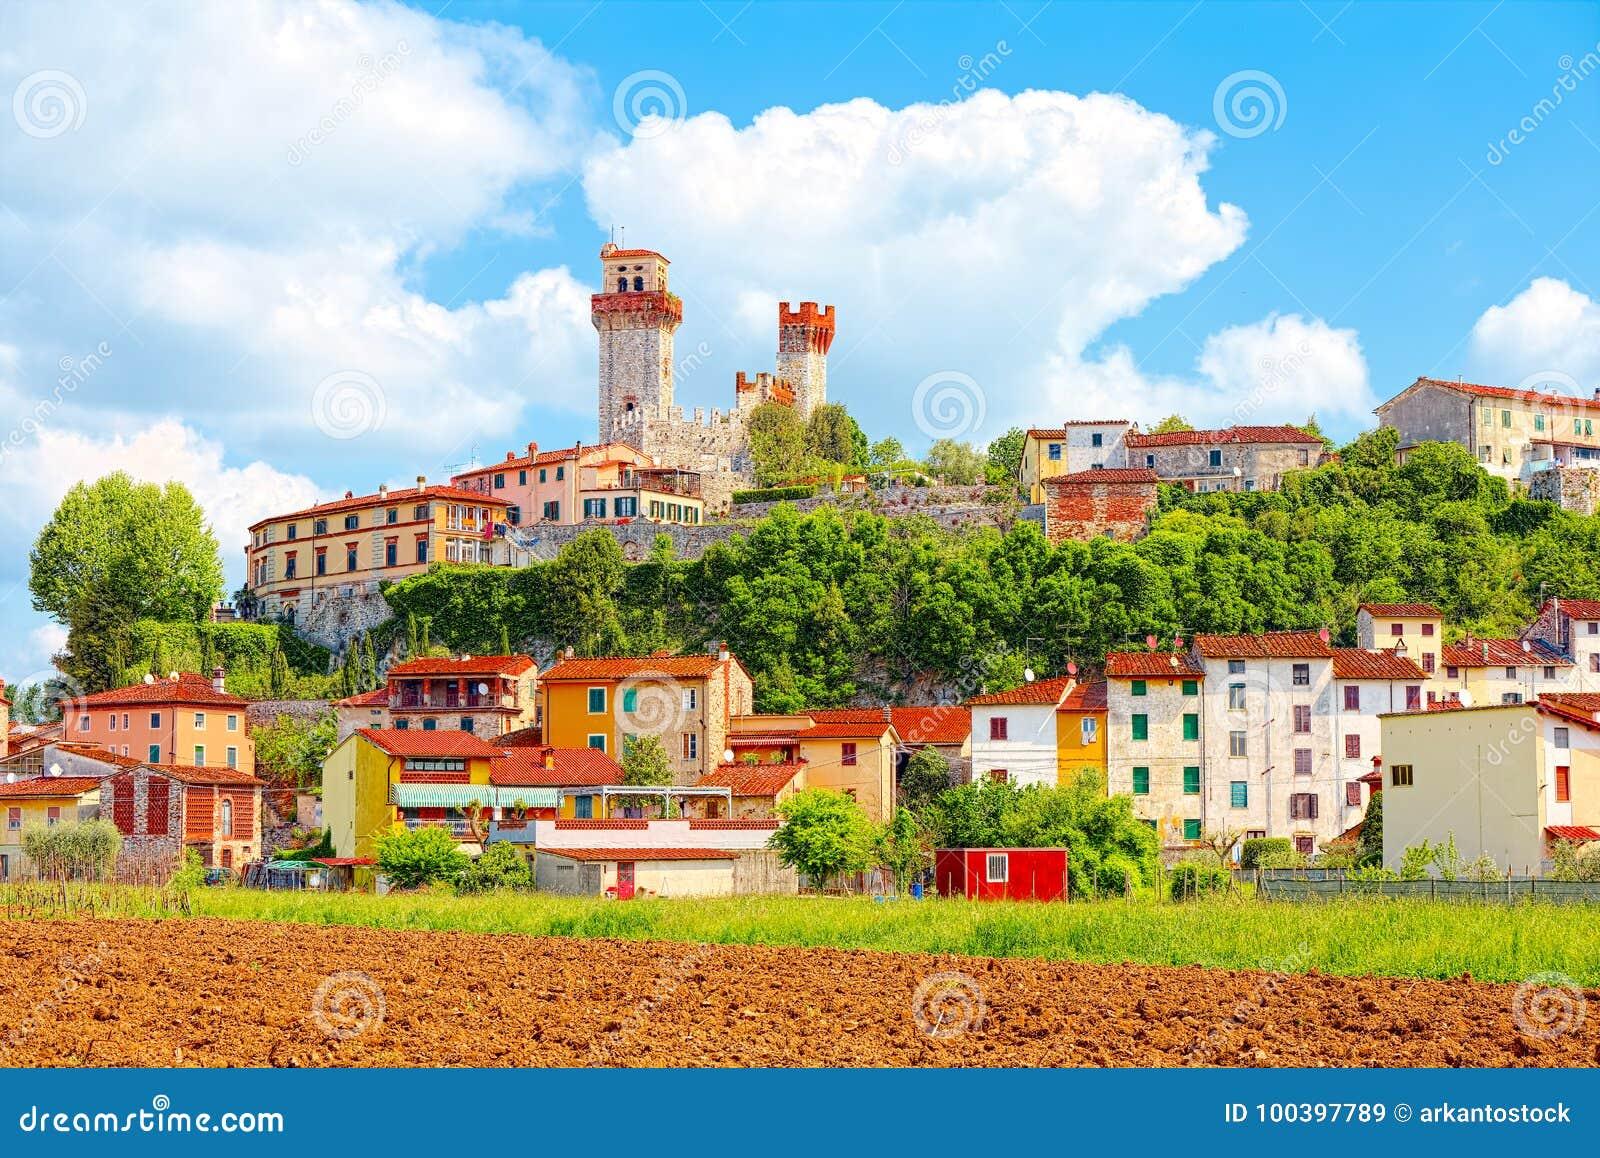 Nozzano Castello i swój rolnicze uprawy, średniowieczna wioska w prowinci Lucca, Tuscany